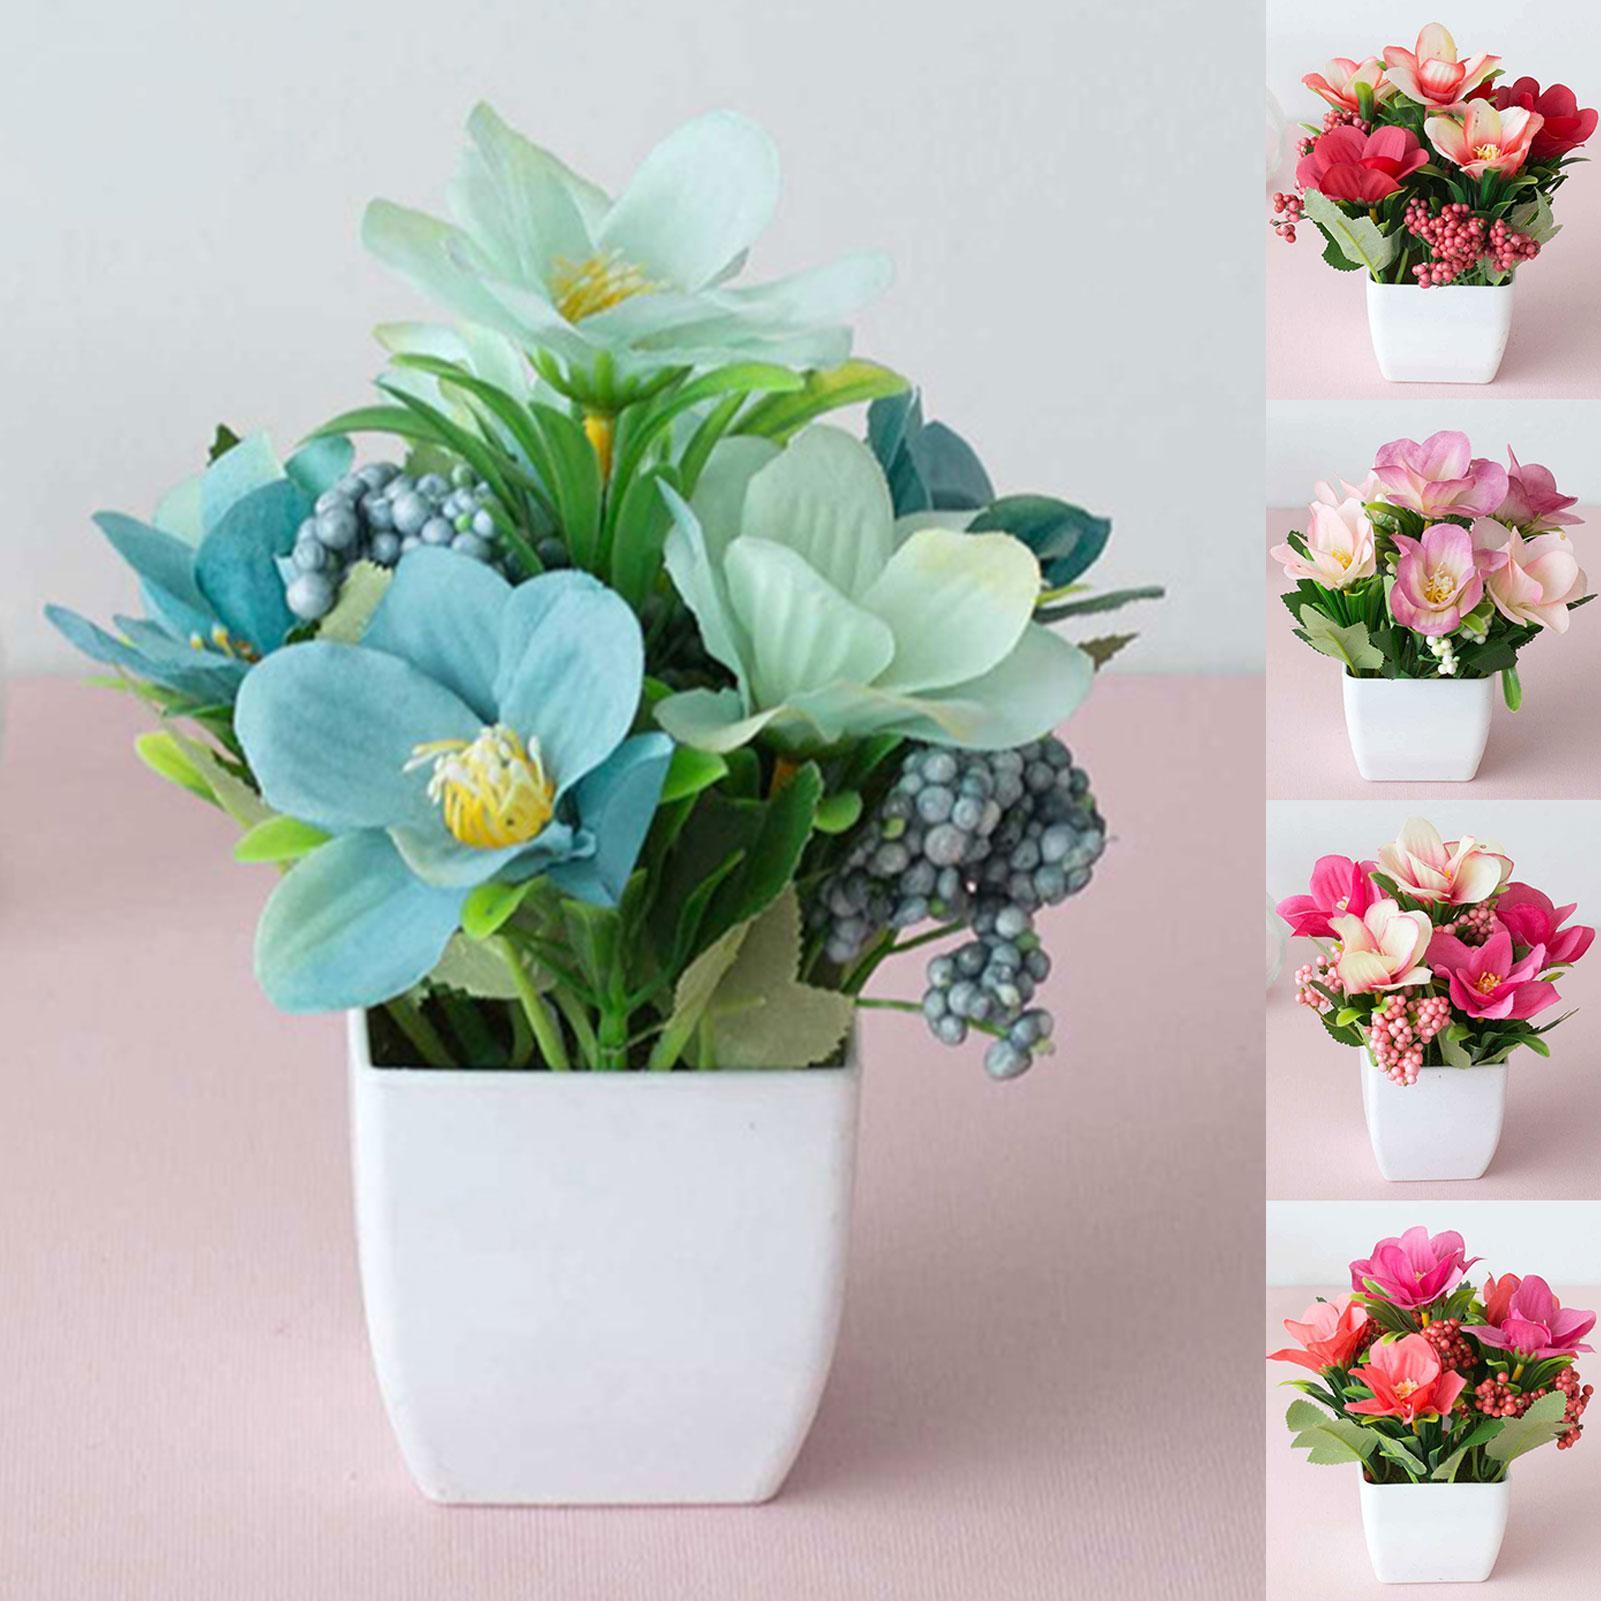 Plastic Artificial Rose Flower Plant Potted Bonsai Garden Party Table Ornament  Artificial Vivid Color Bonsai Flower Home Office